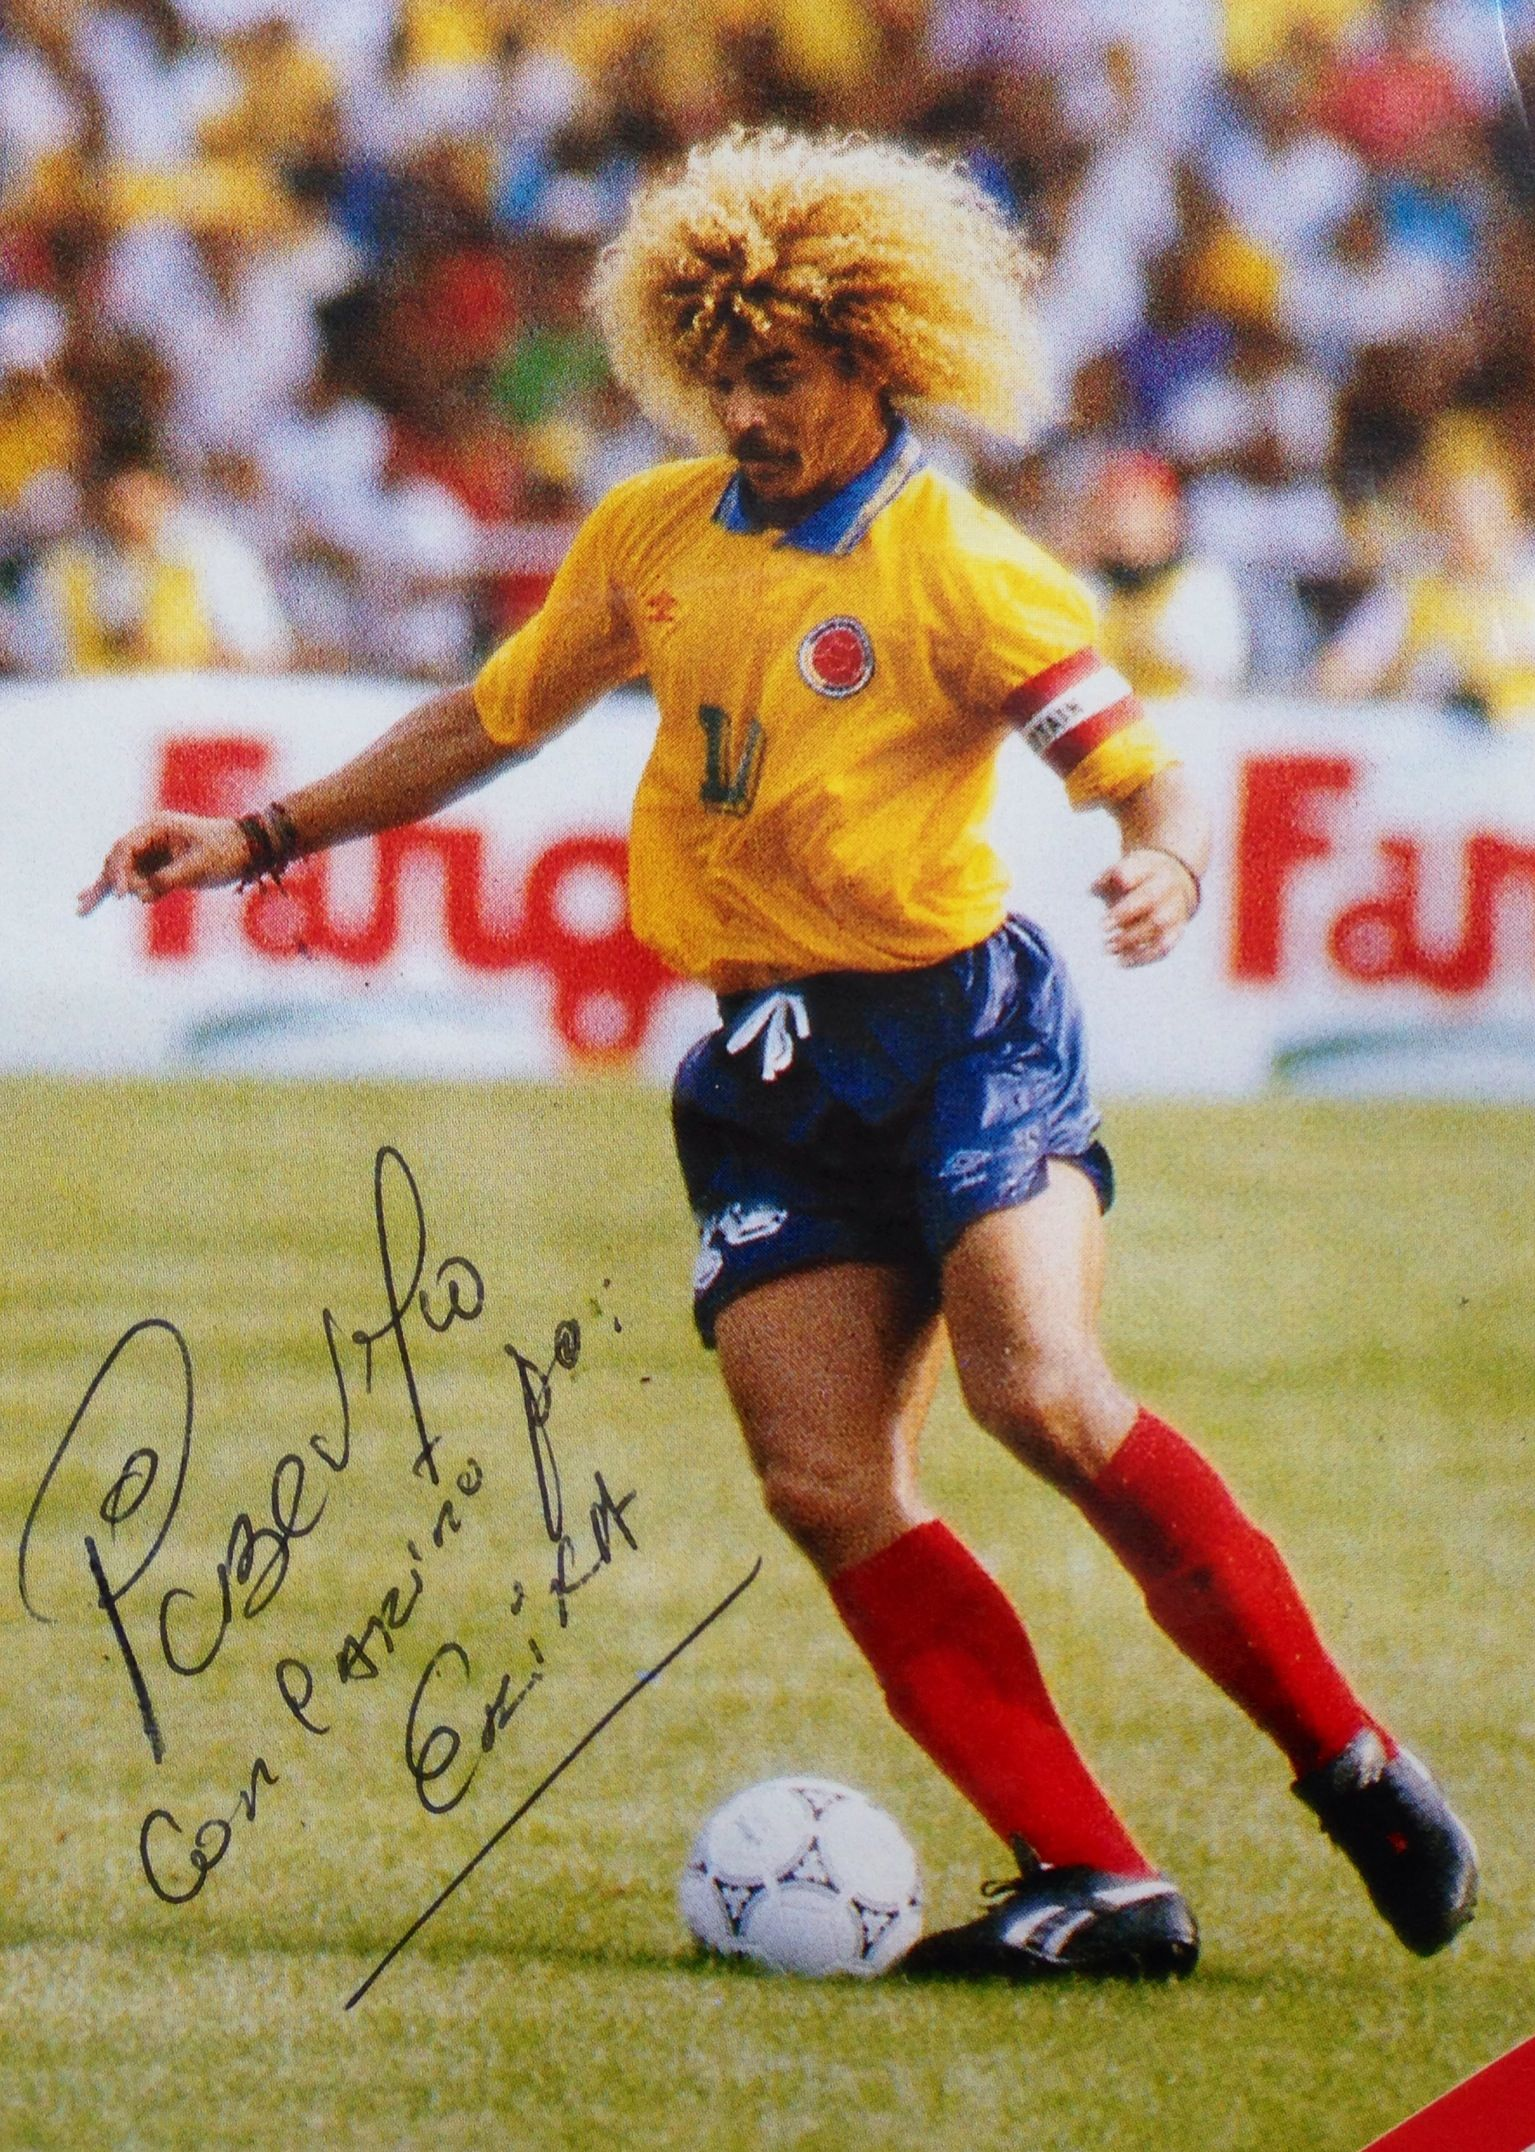 Pibe Valderra, Colombian soccer player. National sport